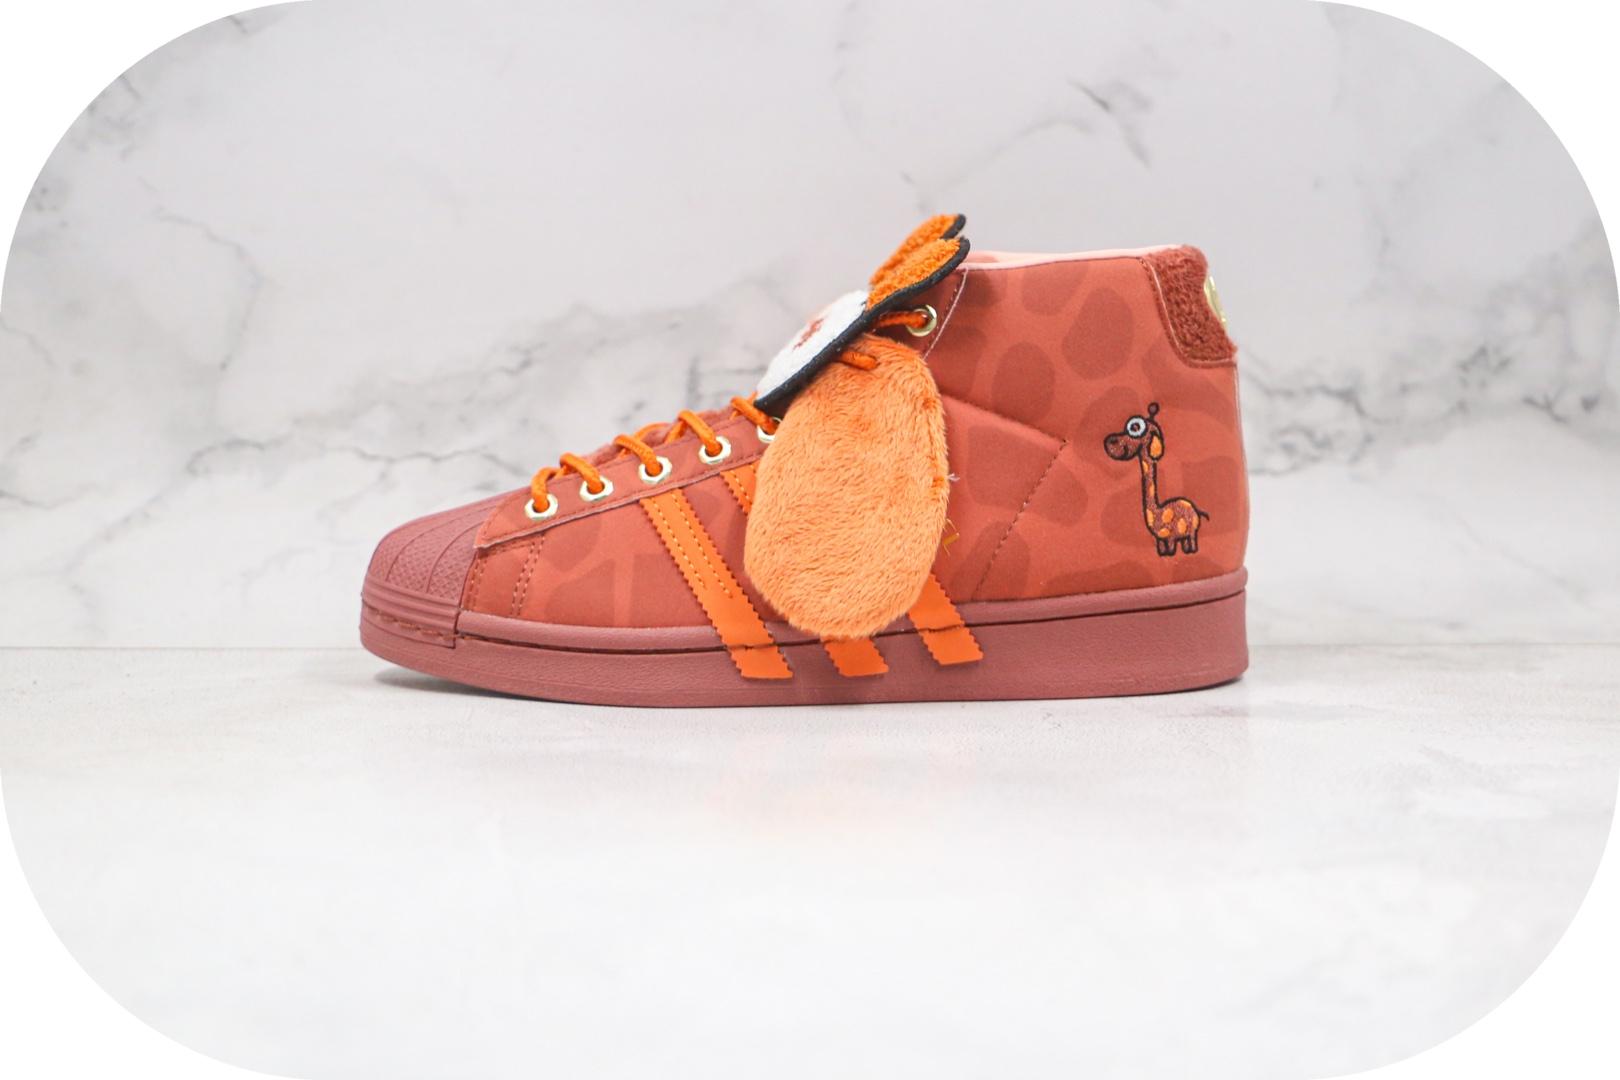 阿迪达斯Adidas Originals Superstar Pro Model Best x Melting Sadness长颈鹿联名款纯原版本高帮贝壳头板鞋原盒原标 货号:FZ5398